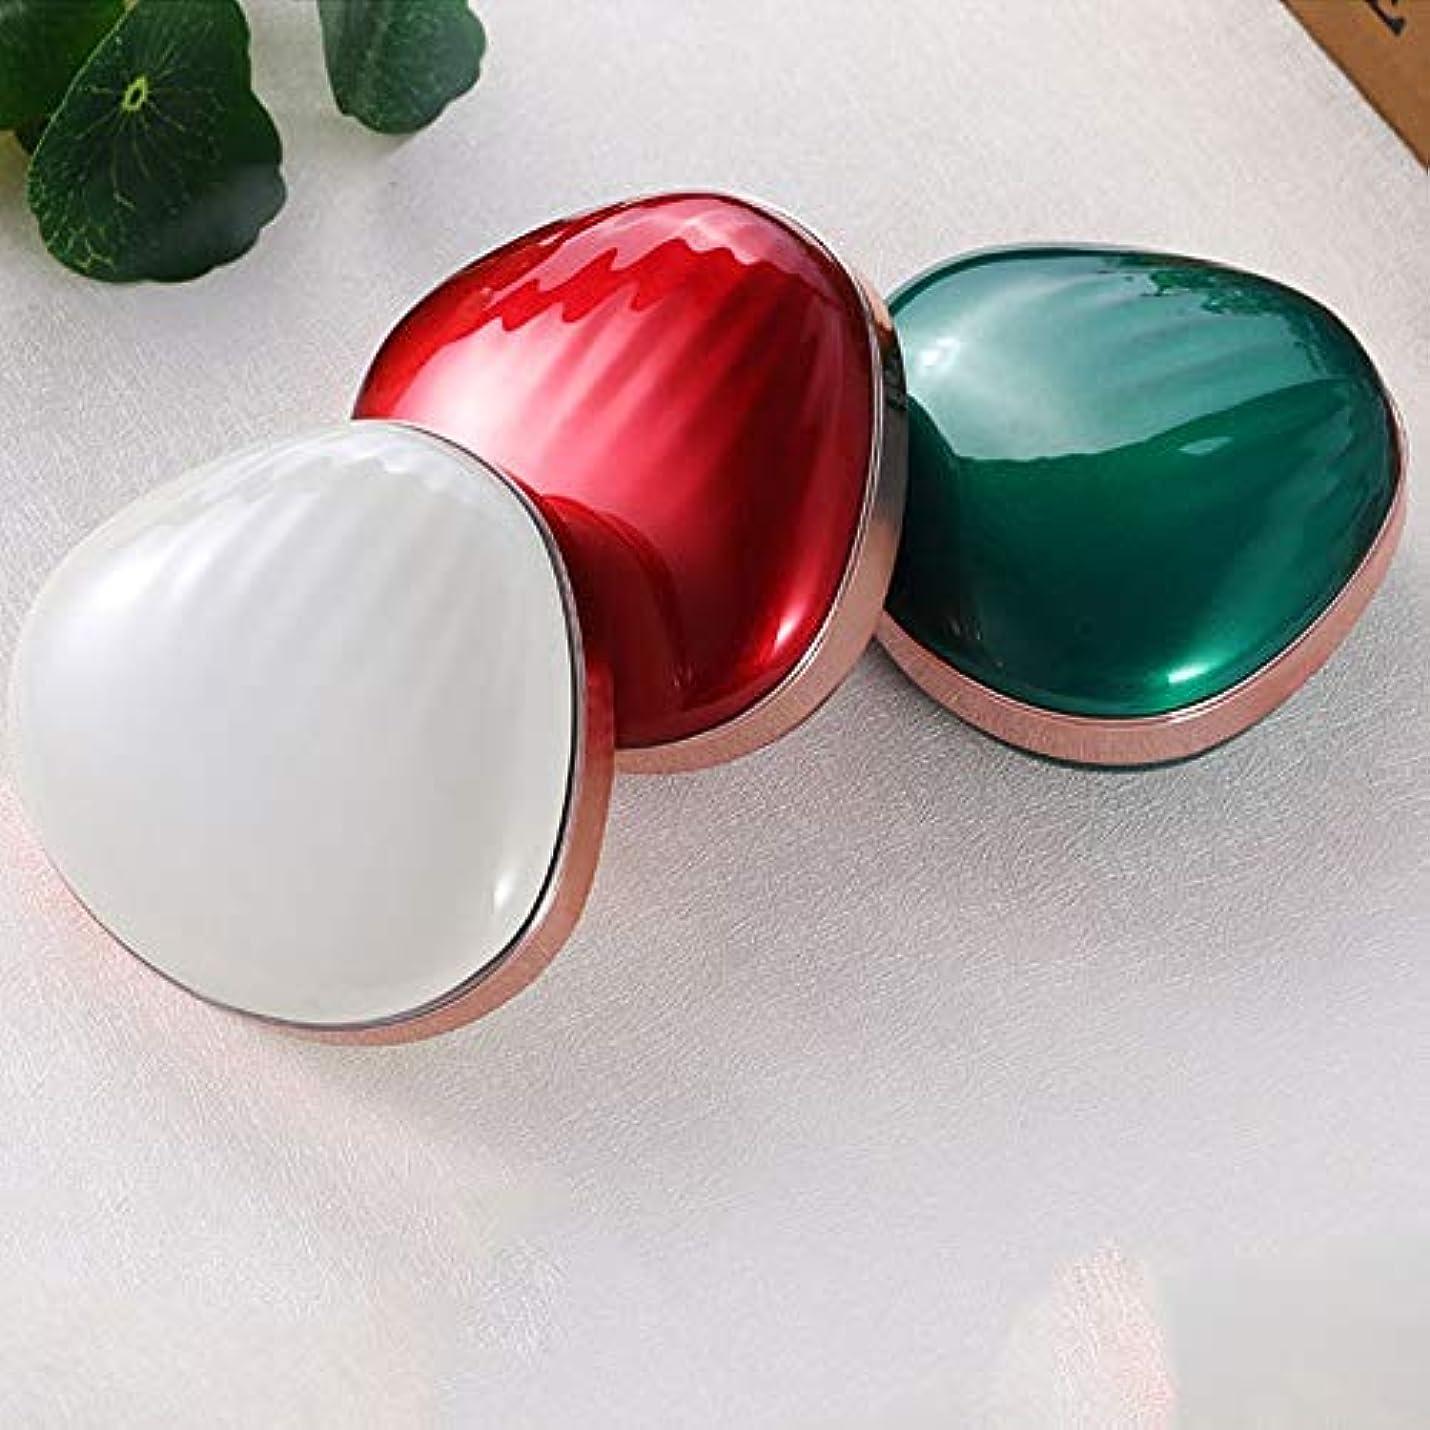 桁不名誉代理店流行の 新しいクリエイティブLEDソフトアイメイクミラー多機能塗りつぶし充電宝メイクアップミラー美容ミラーABSアルミ3レッドブルーホワイト (色 : Green)